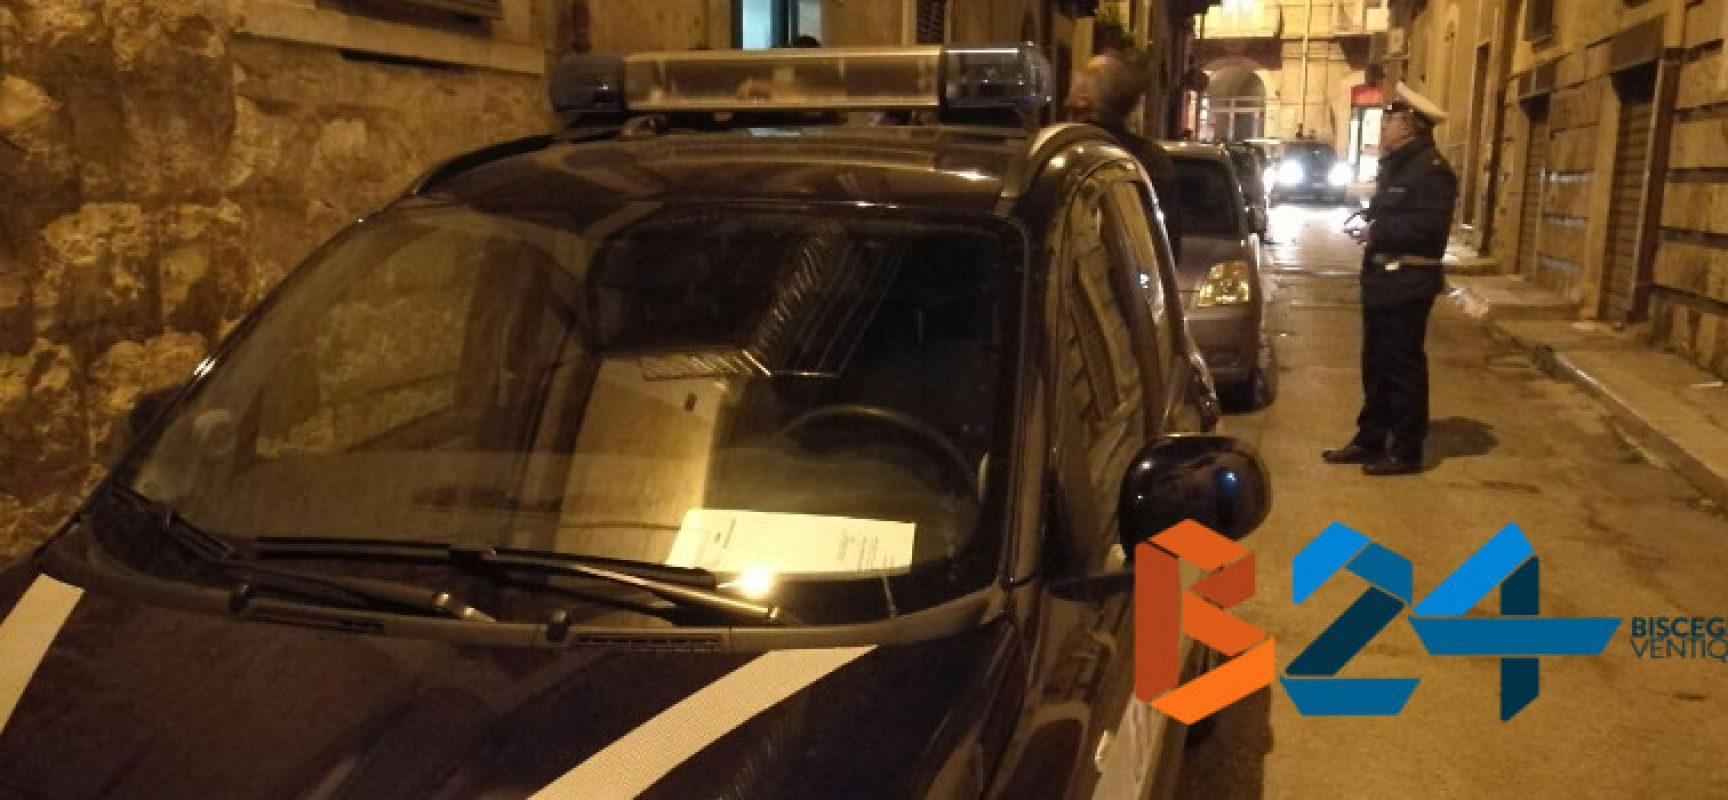 Anziano trovato morto in casa in zona San Lorenzo